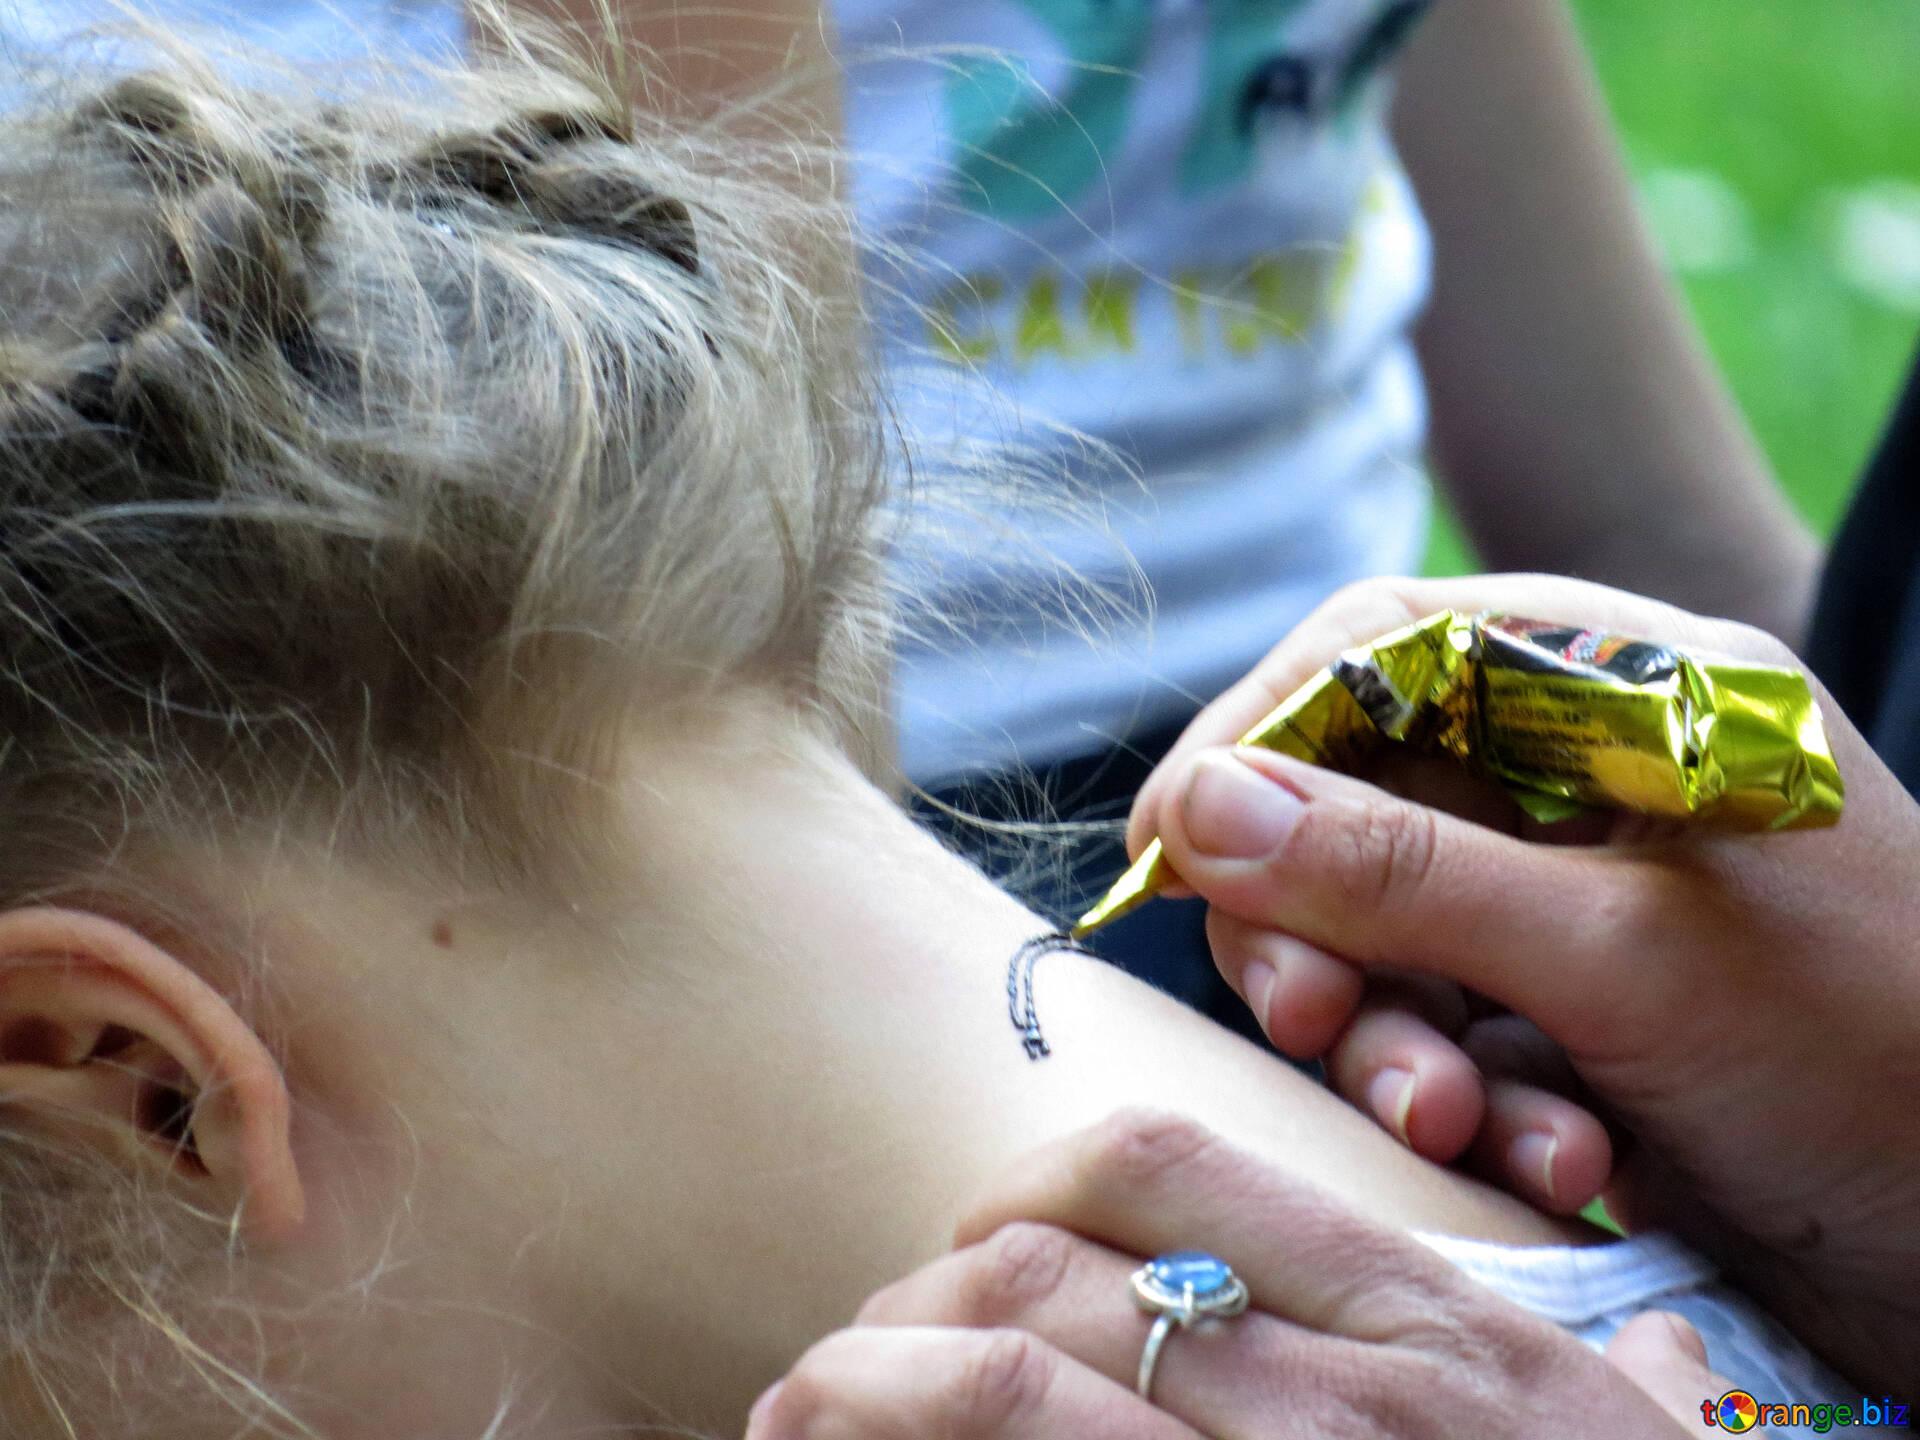 Les Enfants Dessinent Art Fille Tatouage Cou Femme Main Ukraine 52287